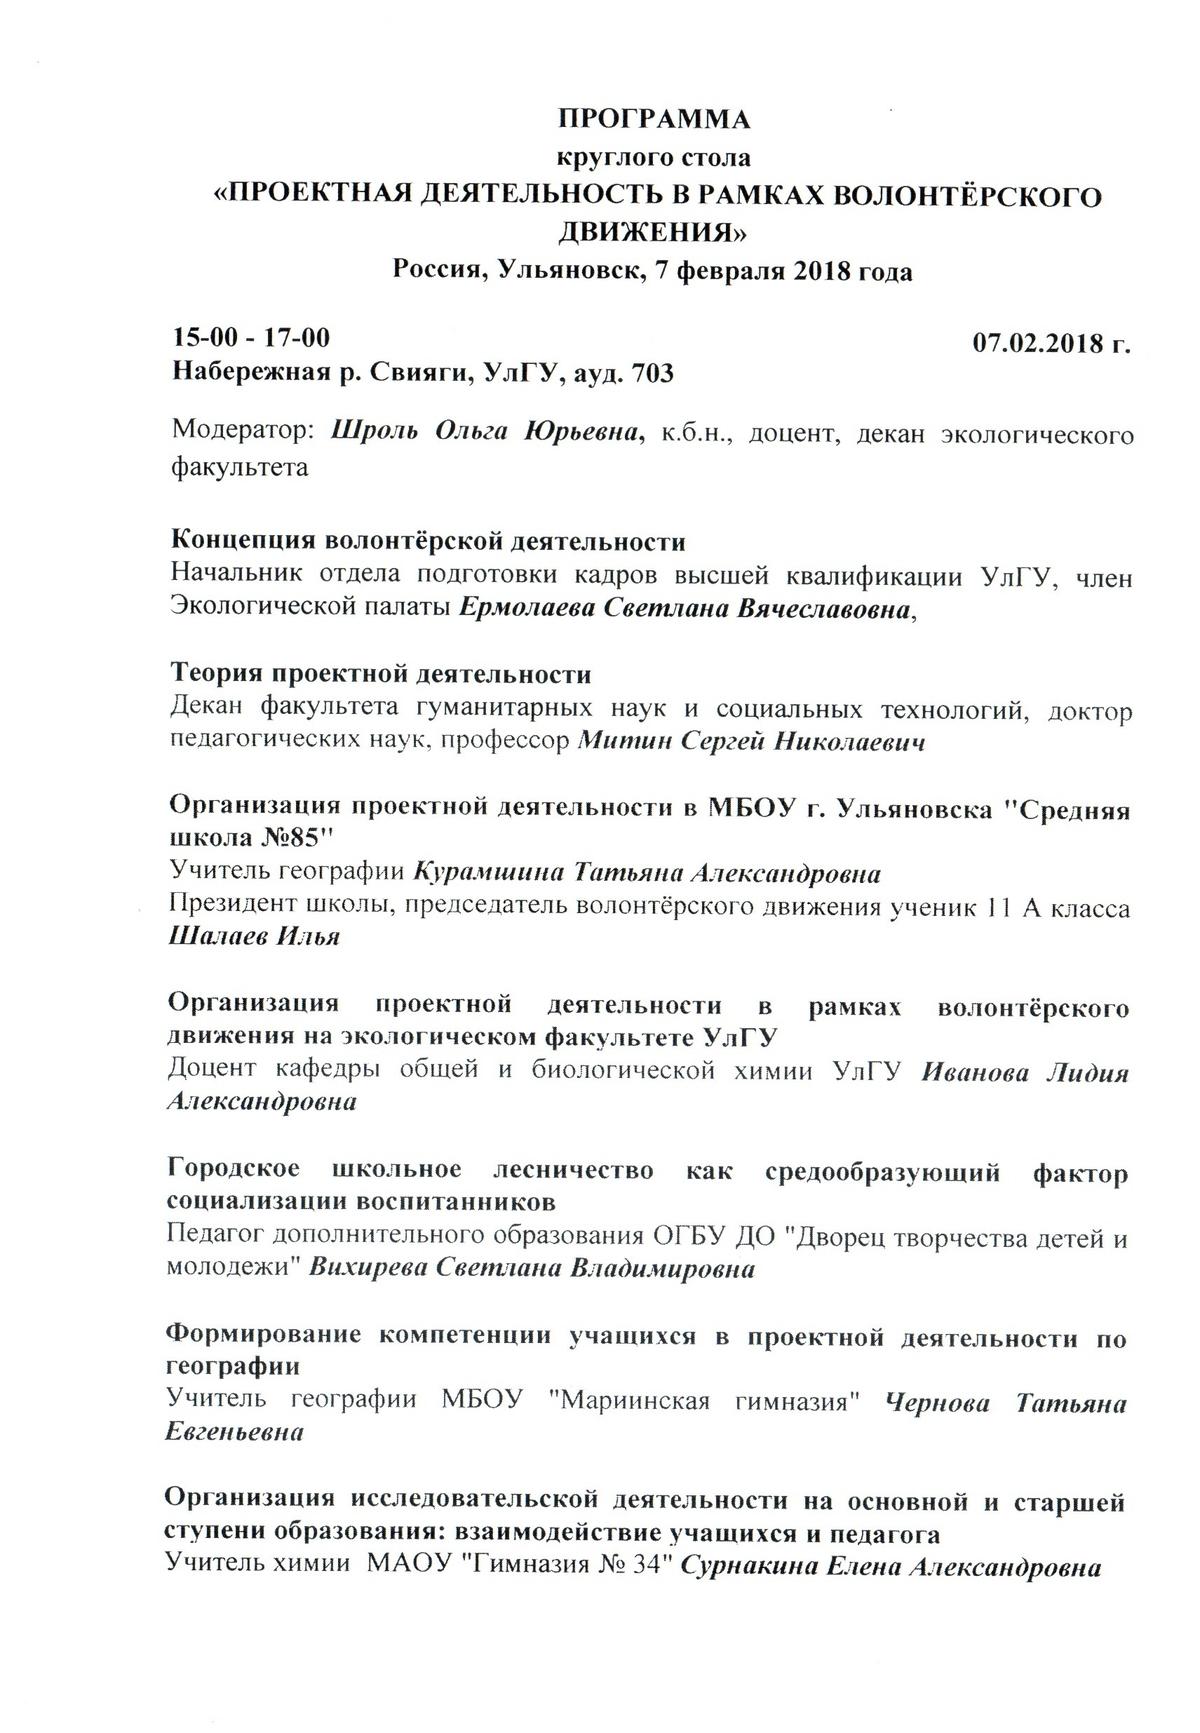 ВихиреваСВ_Круглый стол_УлГУ_Программа